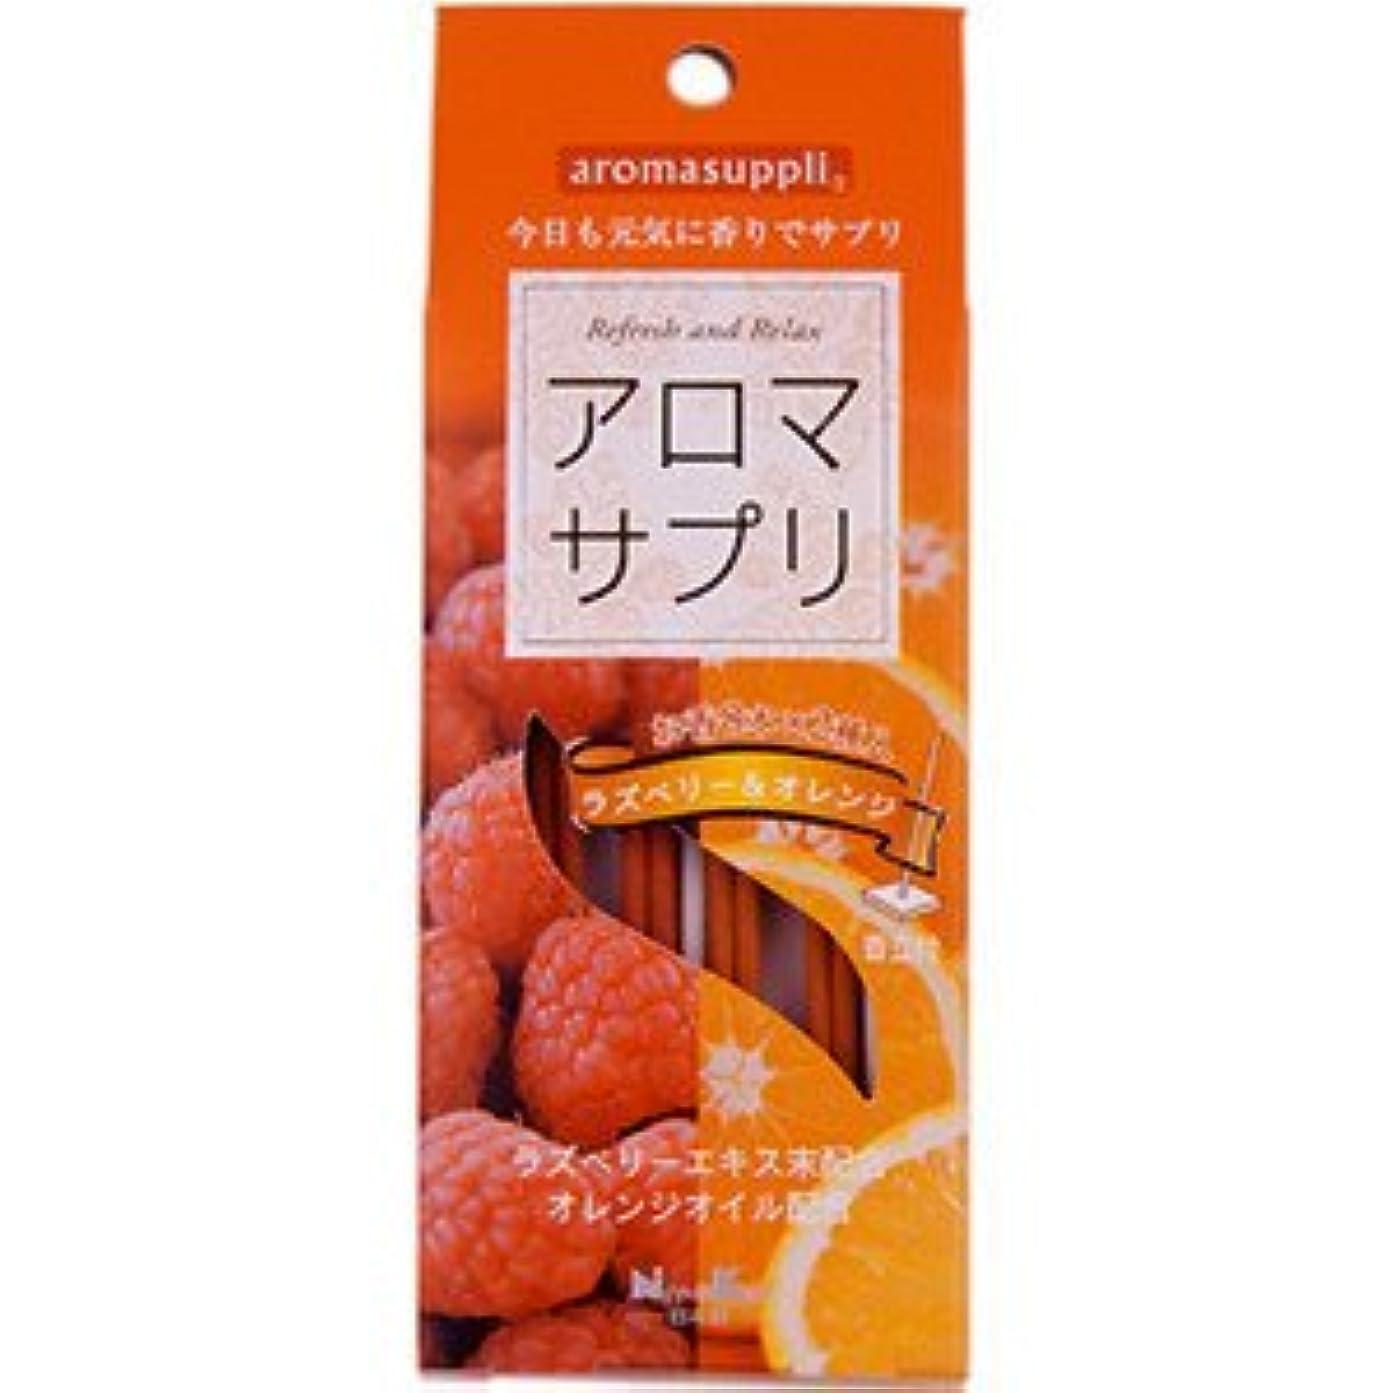 記念離れてホイットニー日本香堂 アロマサプリ ラズベリー&オレンジ